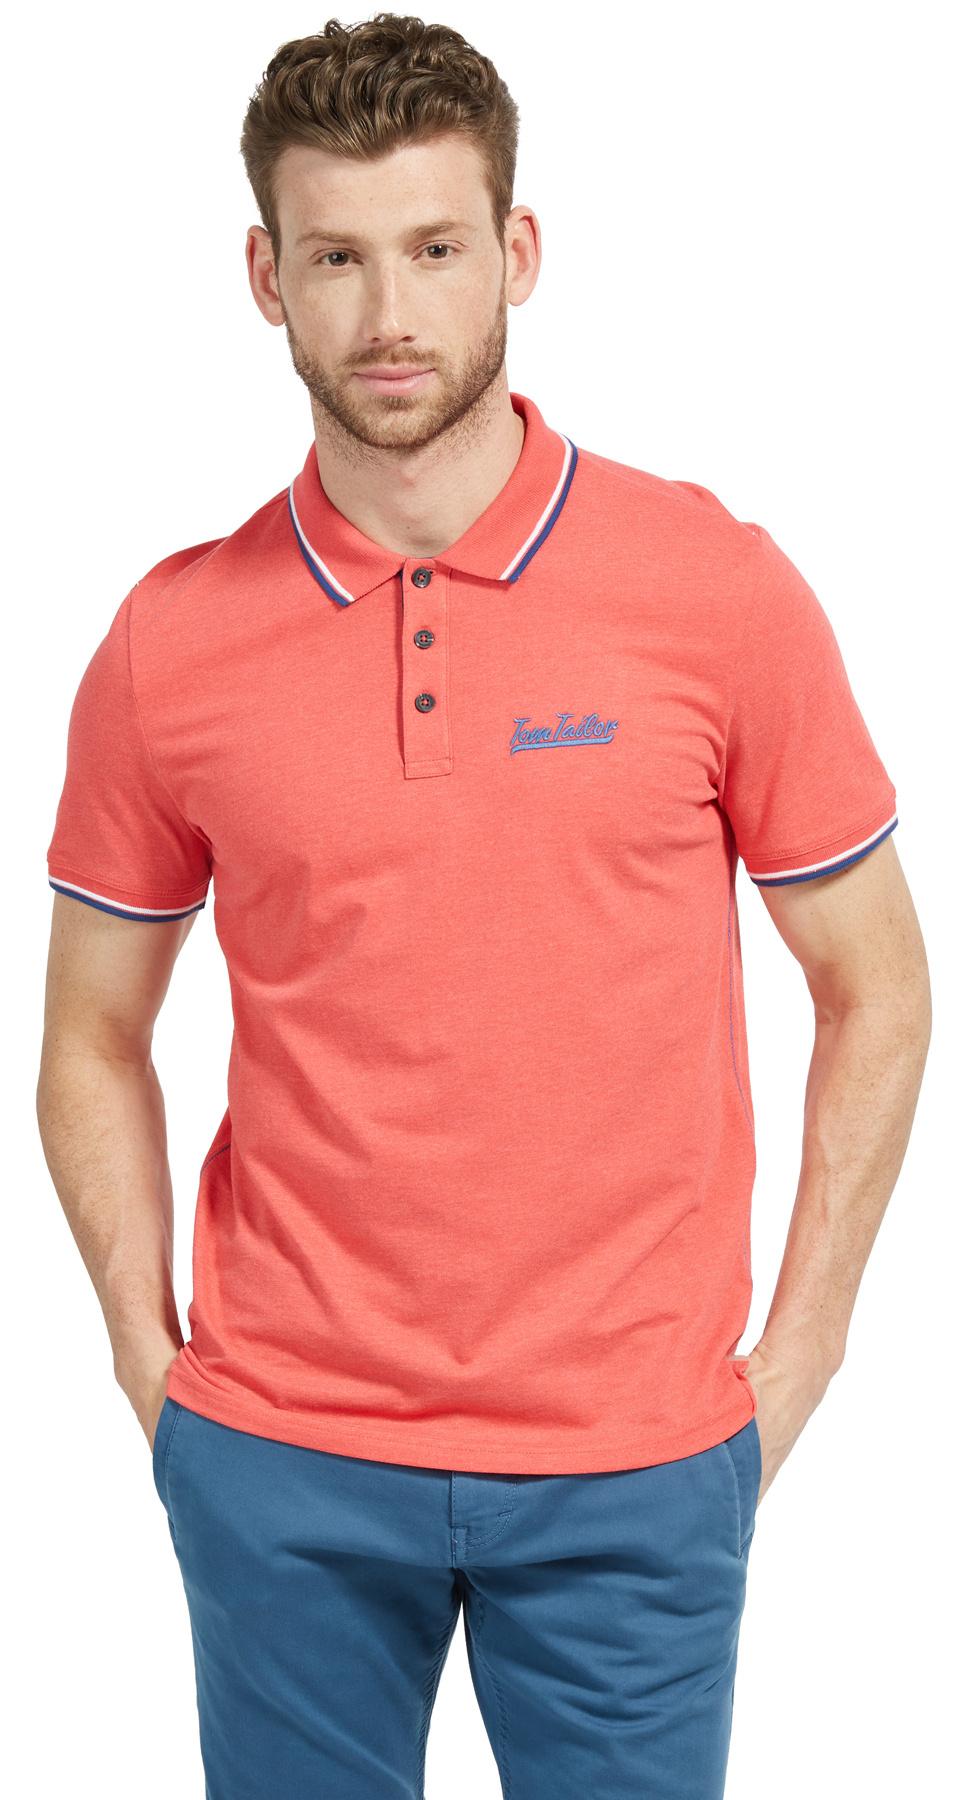 Tom Tailor pánské triko s límečkem 15311126210/4270 Červená XL